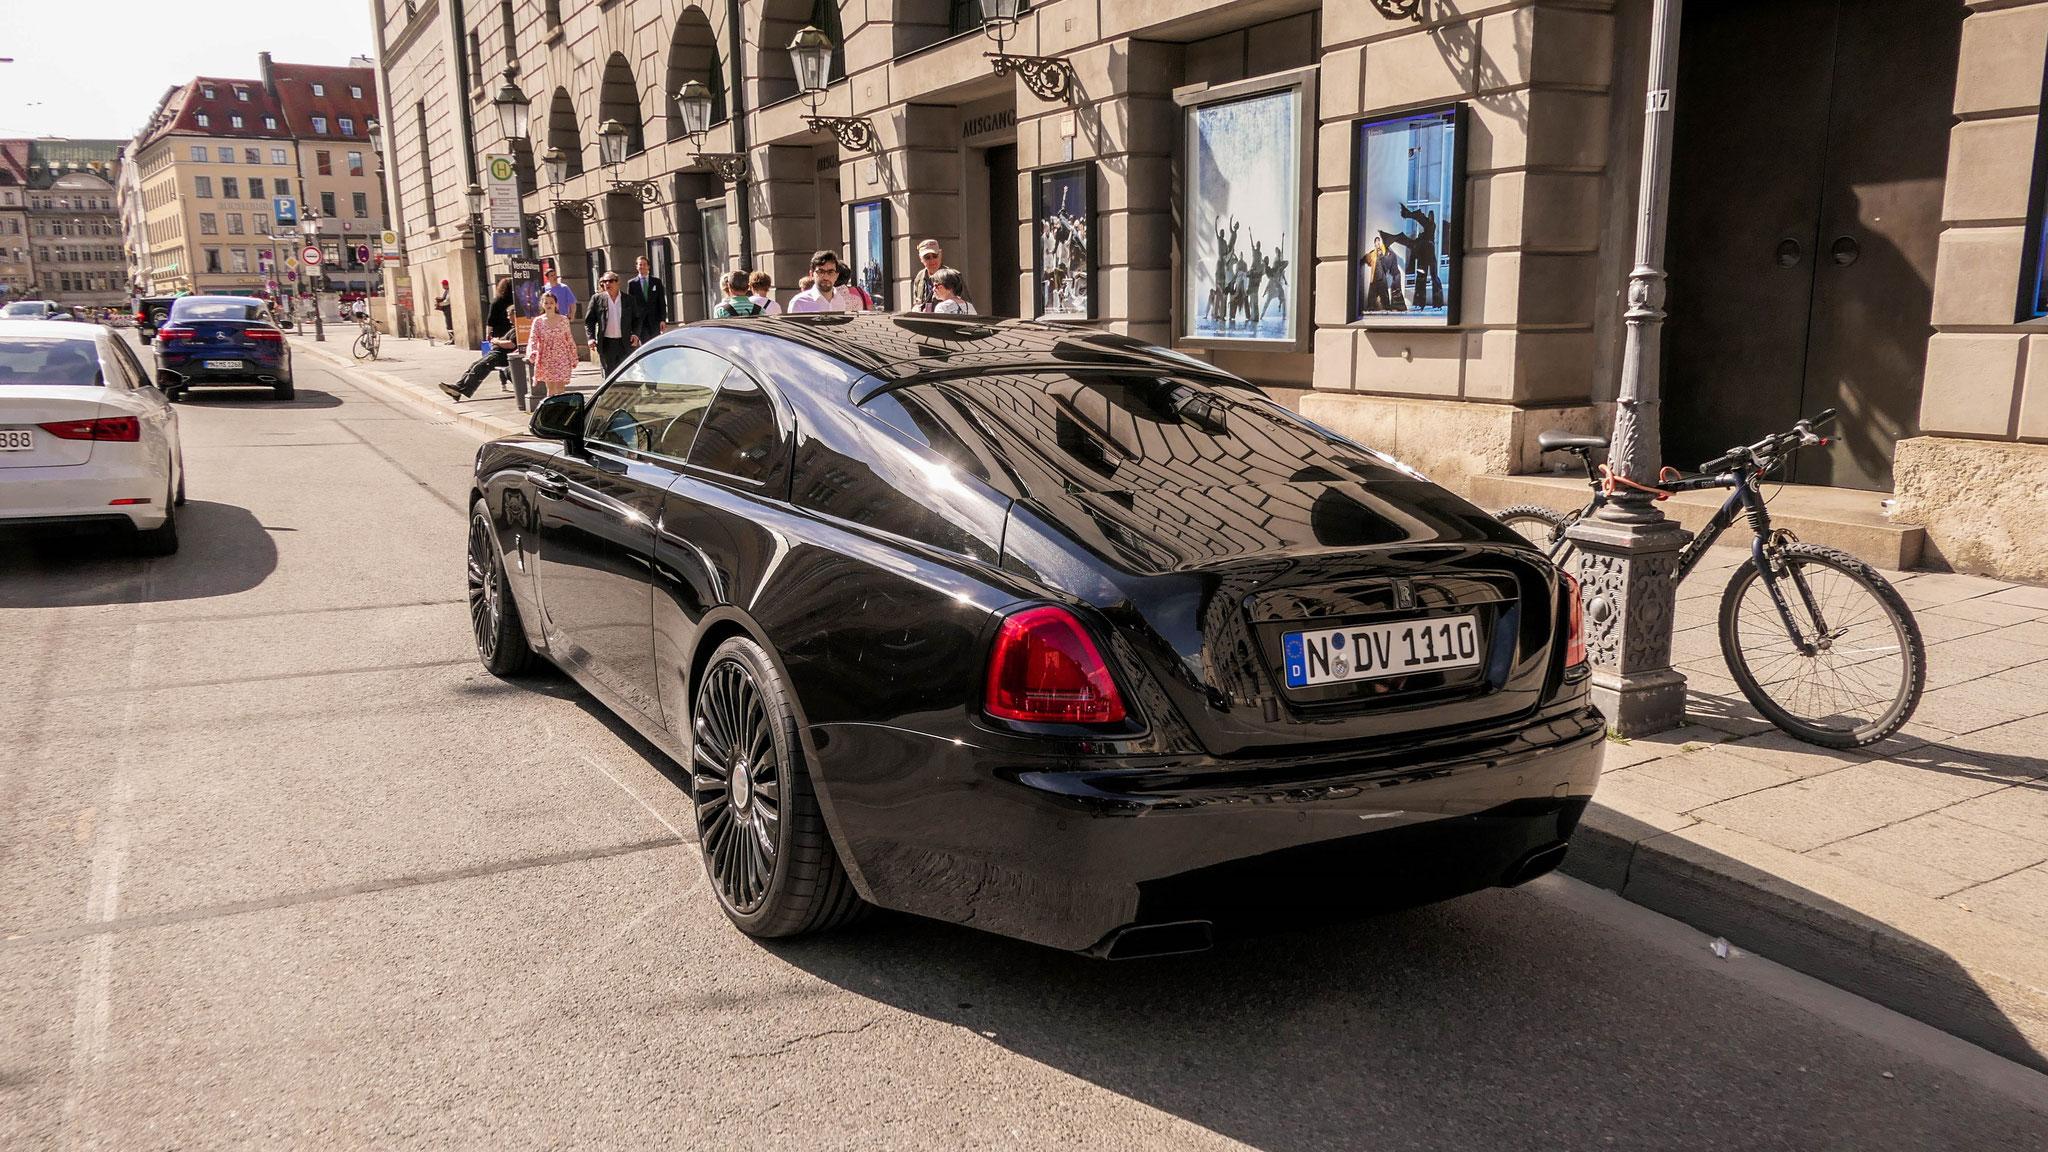 Rolls Royce Wraith - N-DV-1110